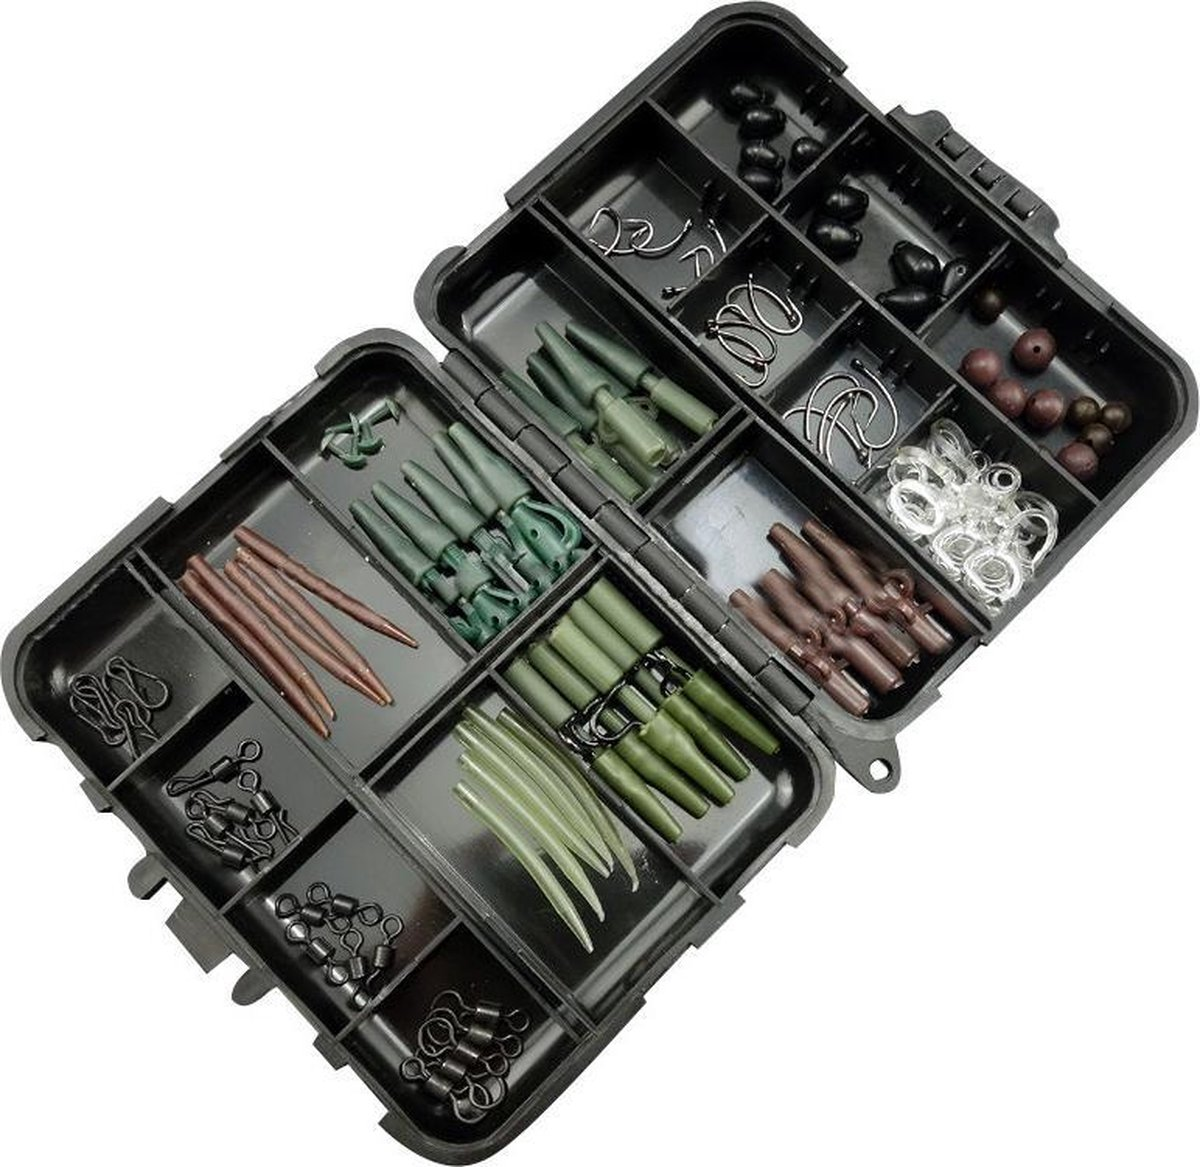 Tacklebox - Karper - Karpervissen - Karper set - Karperset - Karpervissen materiaal - Karpervissen a